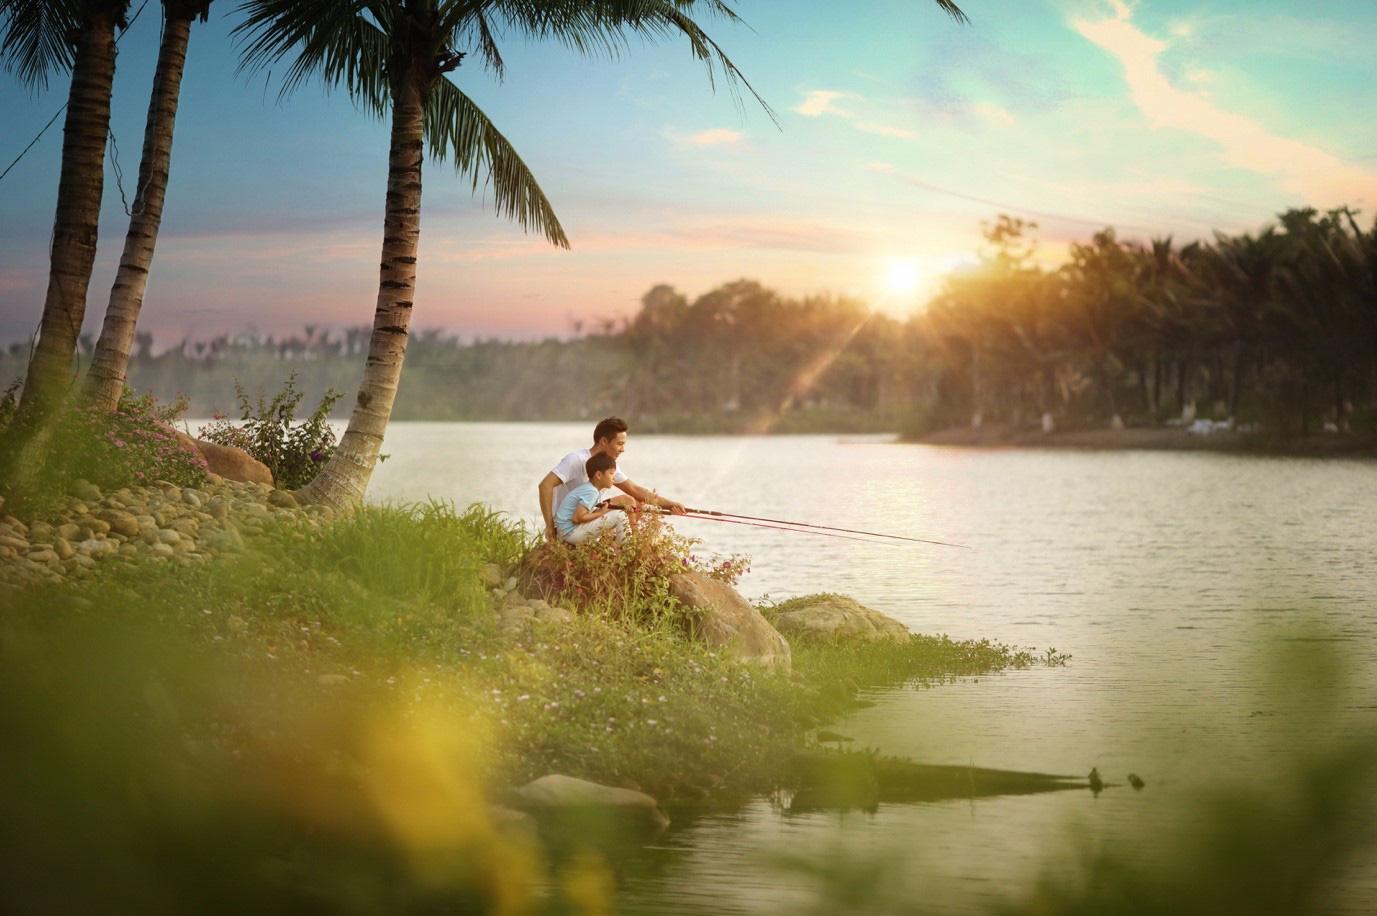 Đông Hà Nội có khu đô thị sở hữu thiết kế cảnh quan đẹp nhất thế giới - Ảnh 5.